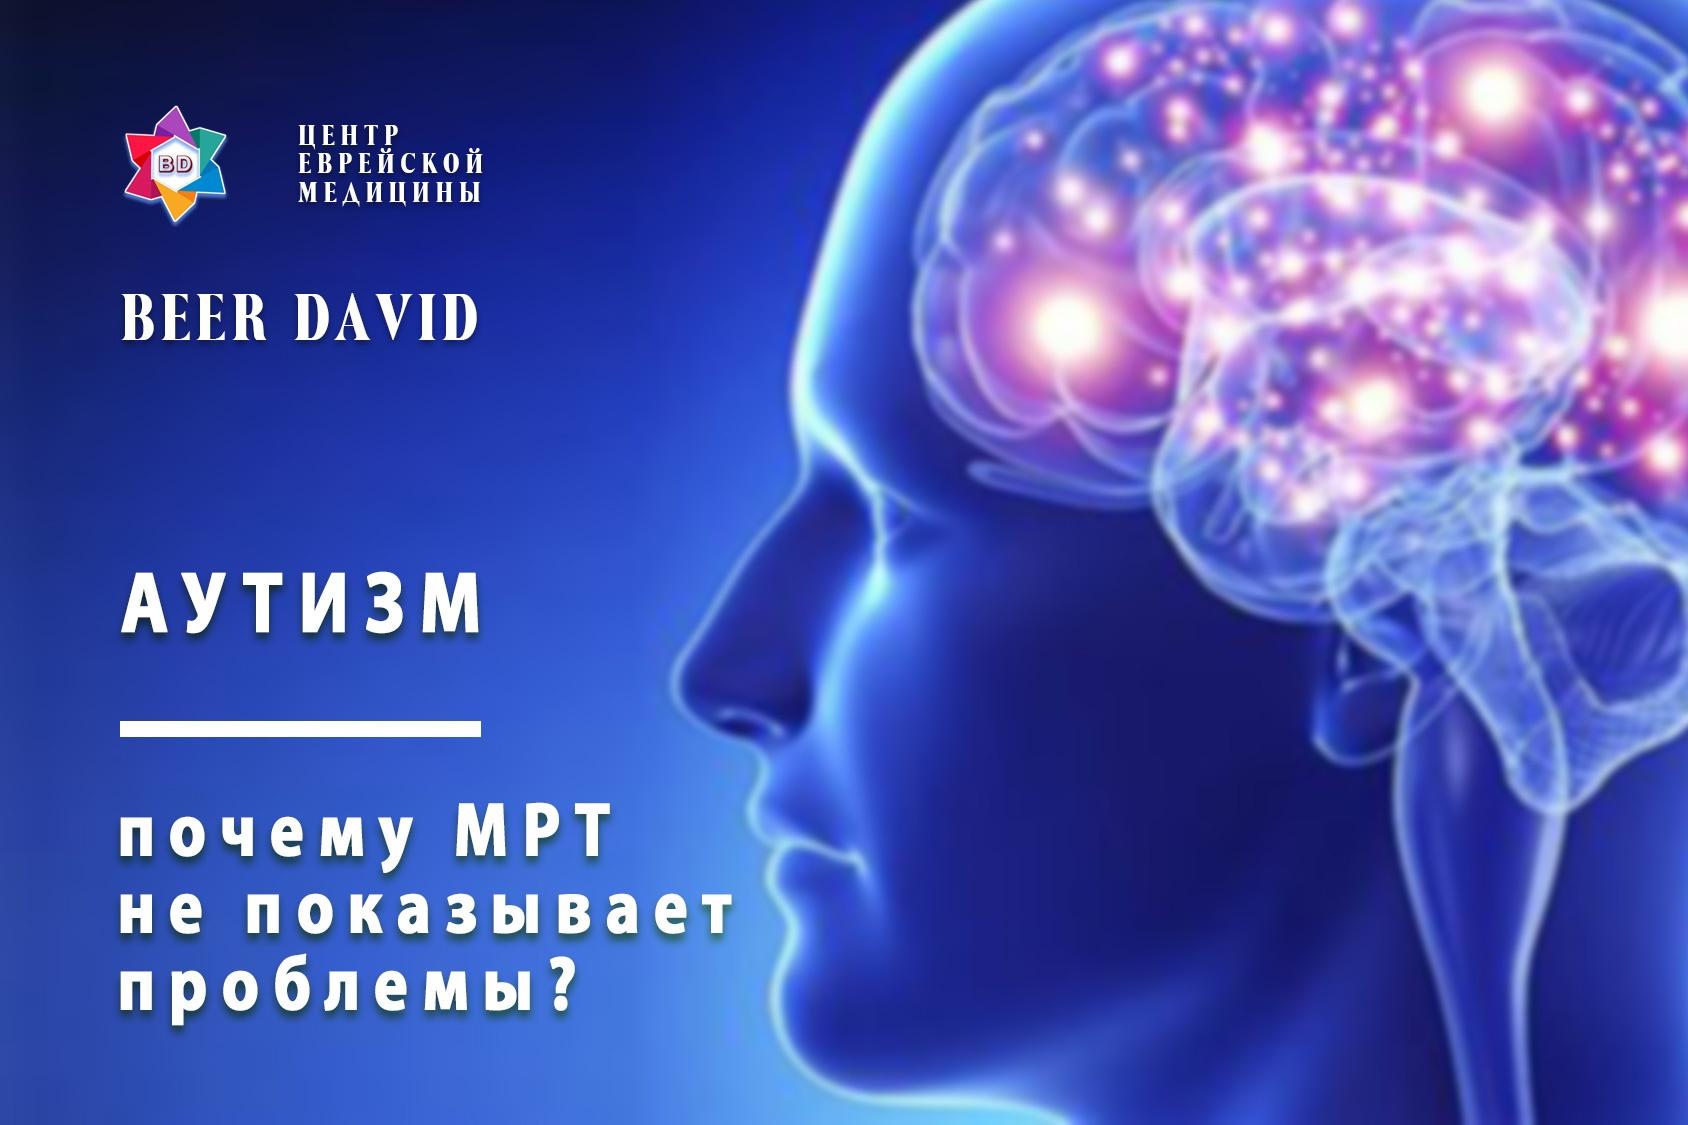 Аутизм — почему МРТ не показывает проблемы?